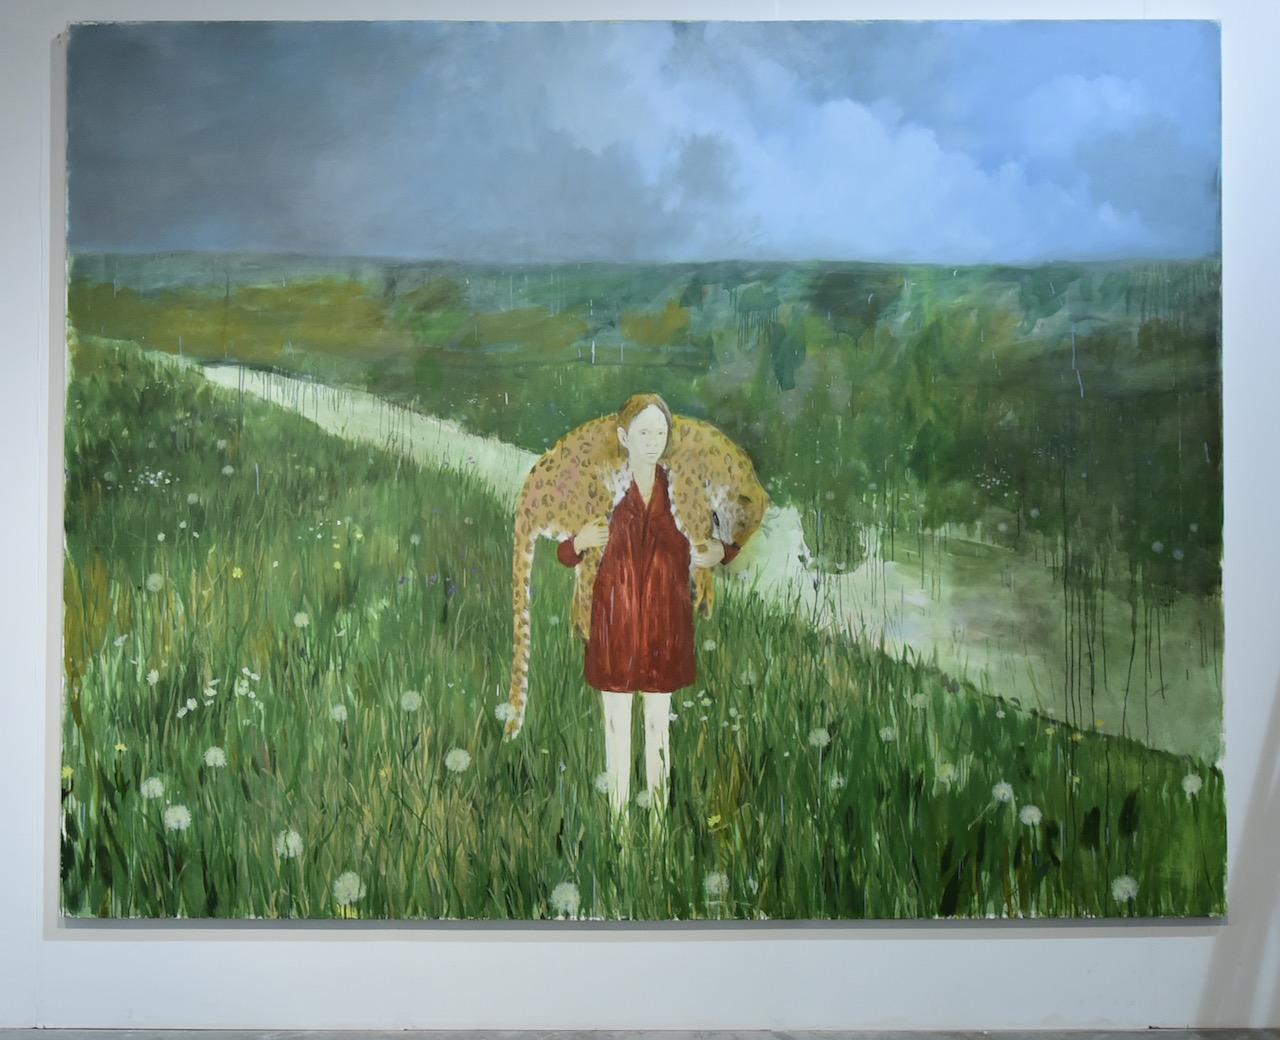 """Enrique Martínez Celaya, """"Summer"""" (2007) in 'A Sense of Place' at Mana Wynwood"""